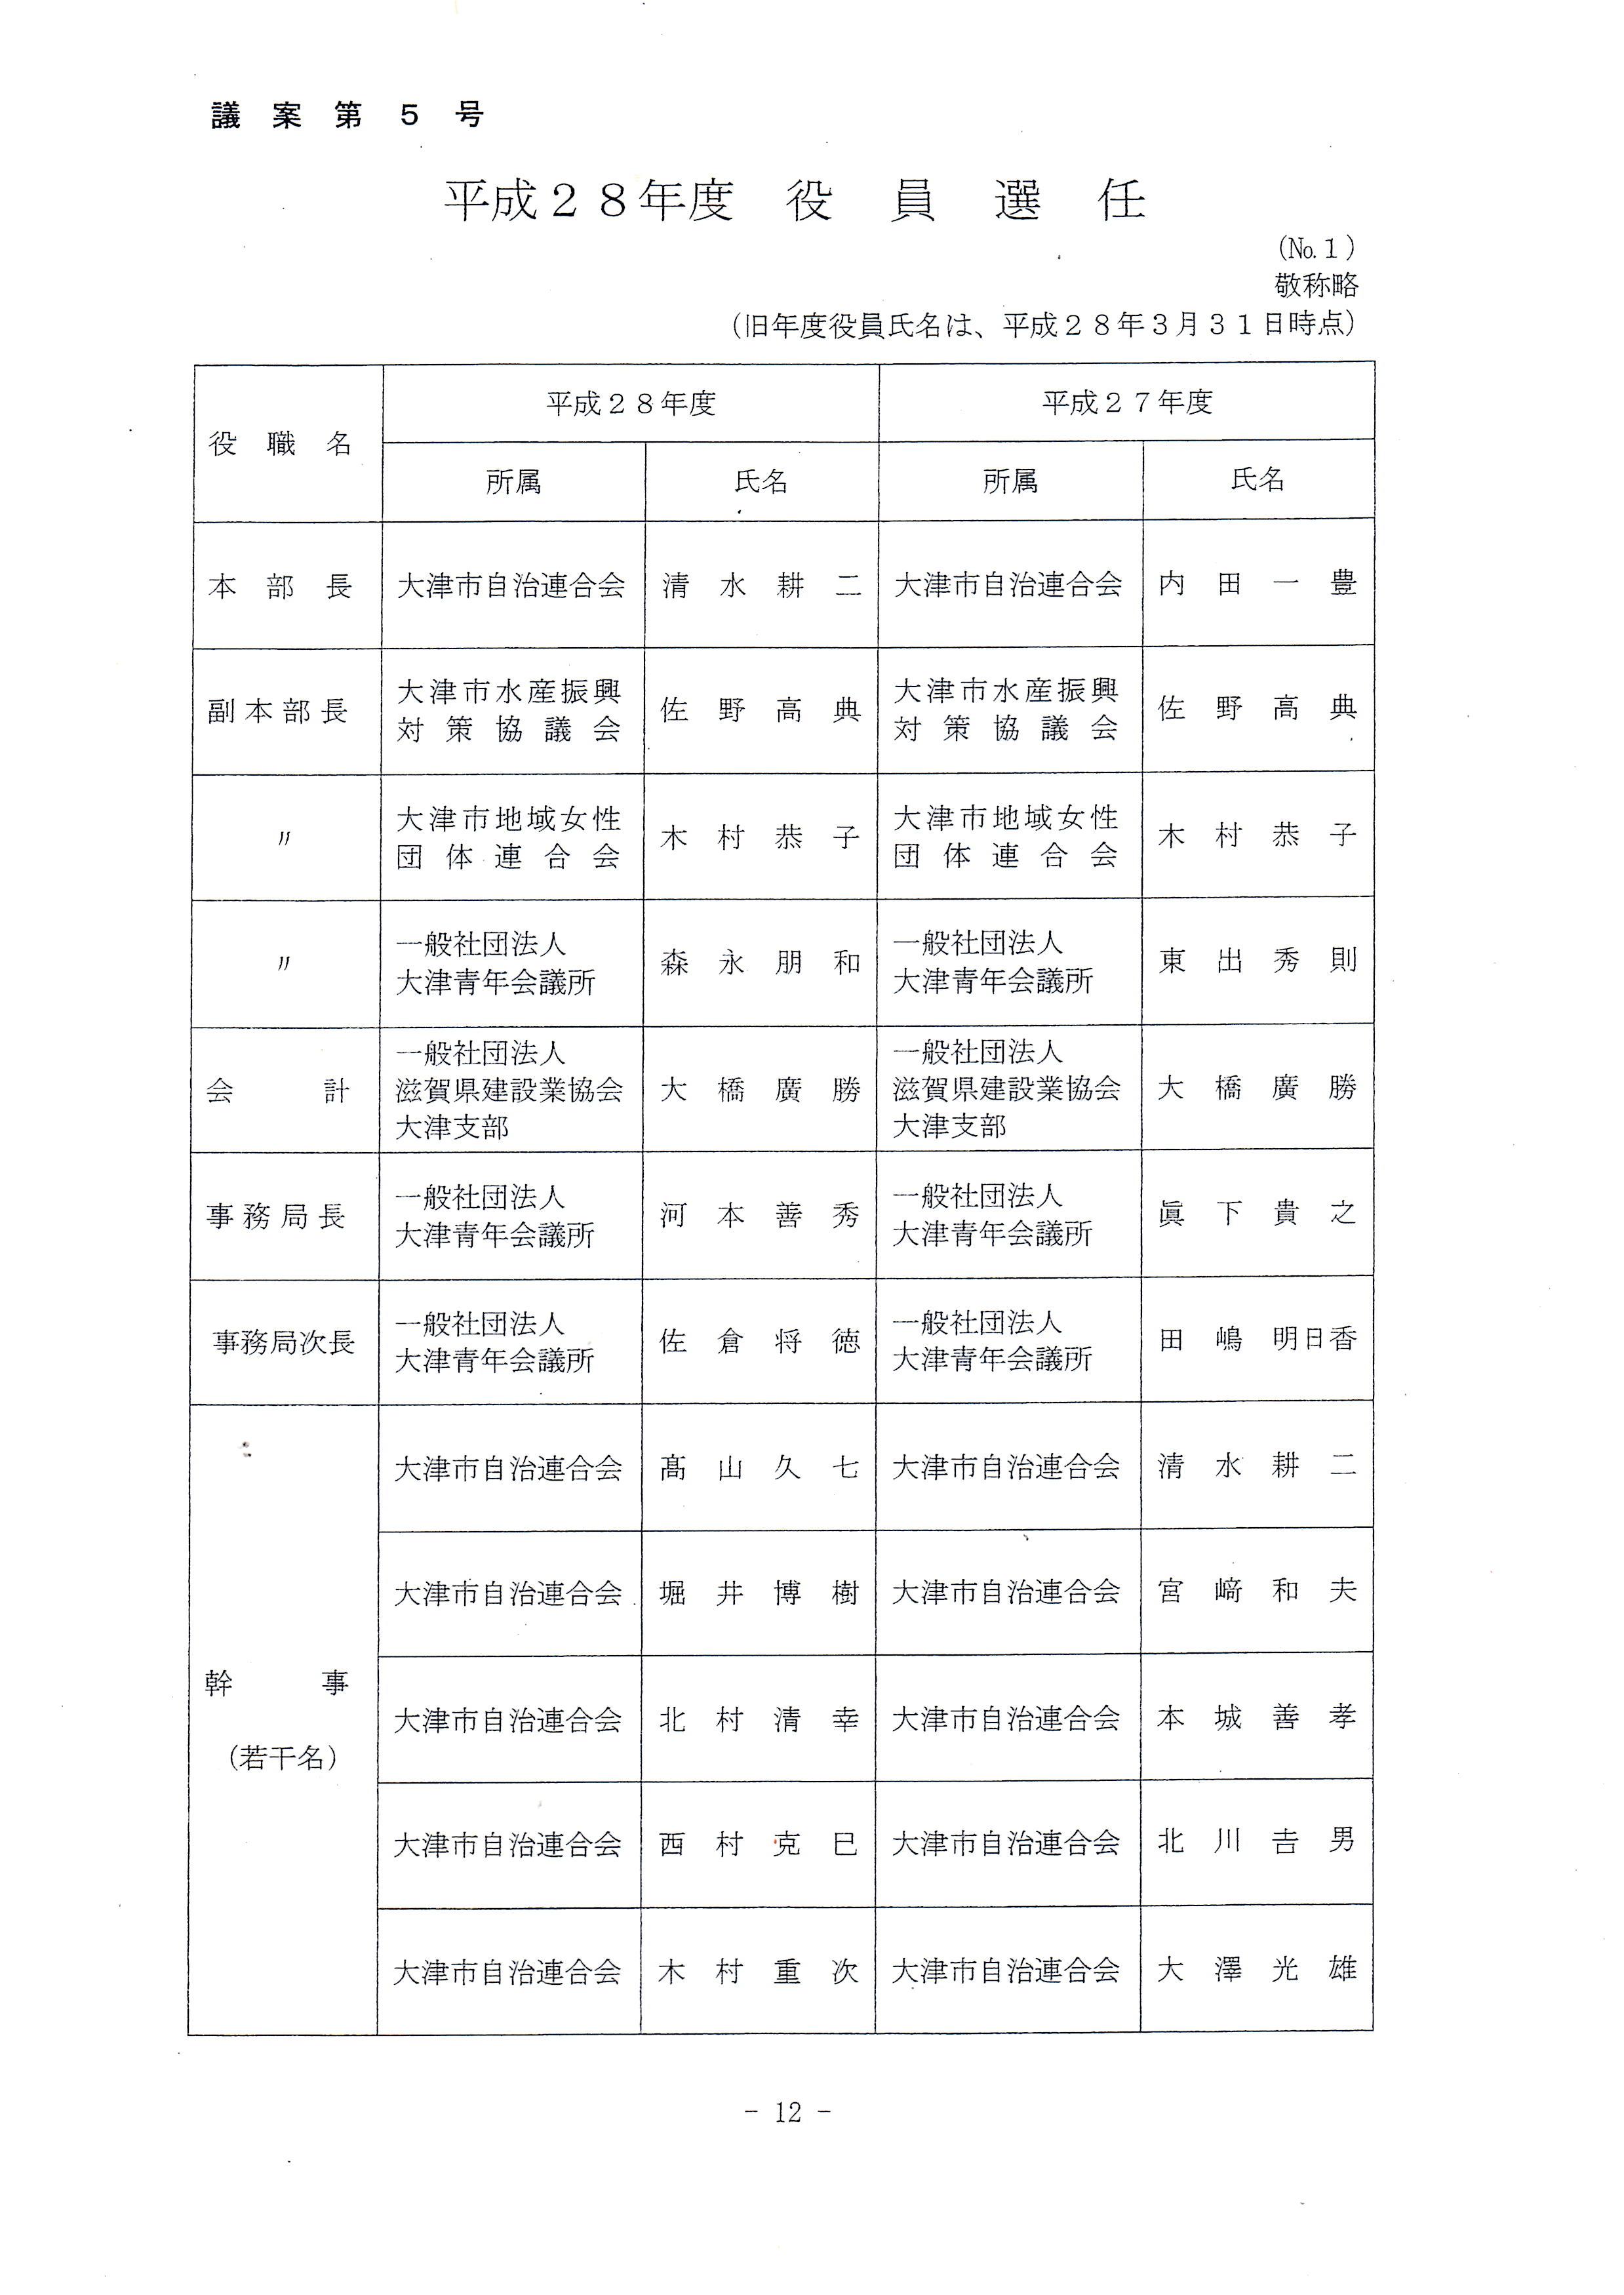 2016年度琵琶湖を美しくする運動実践本部(役員名)①